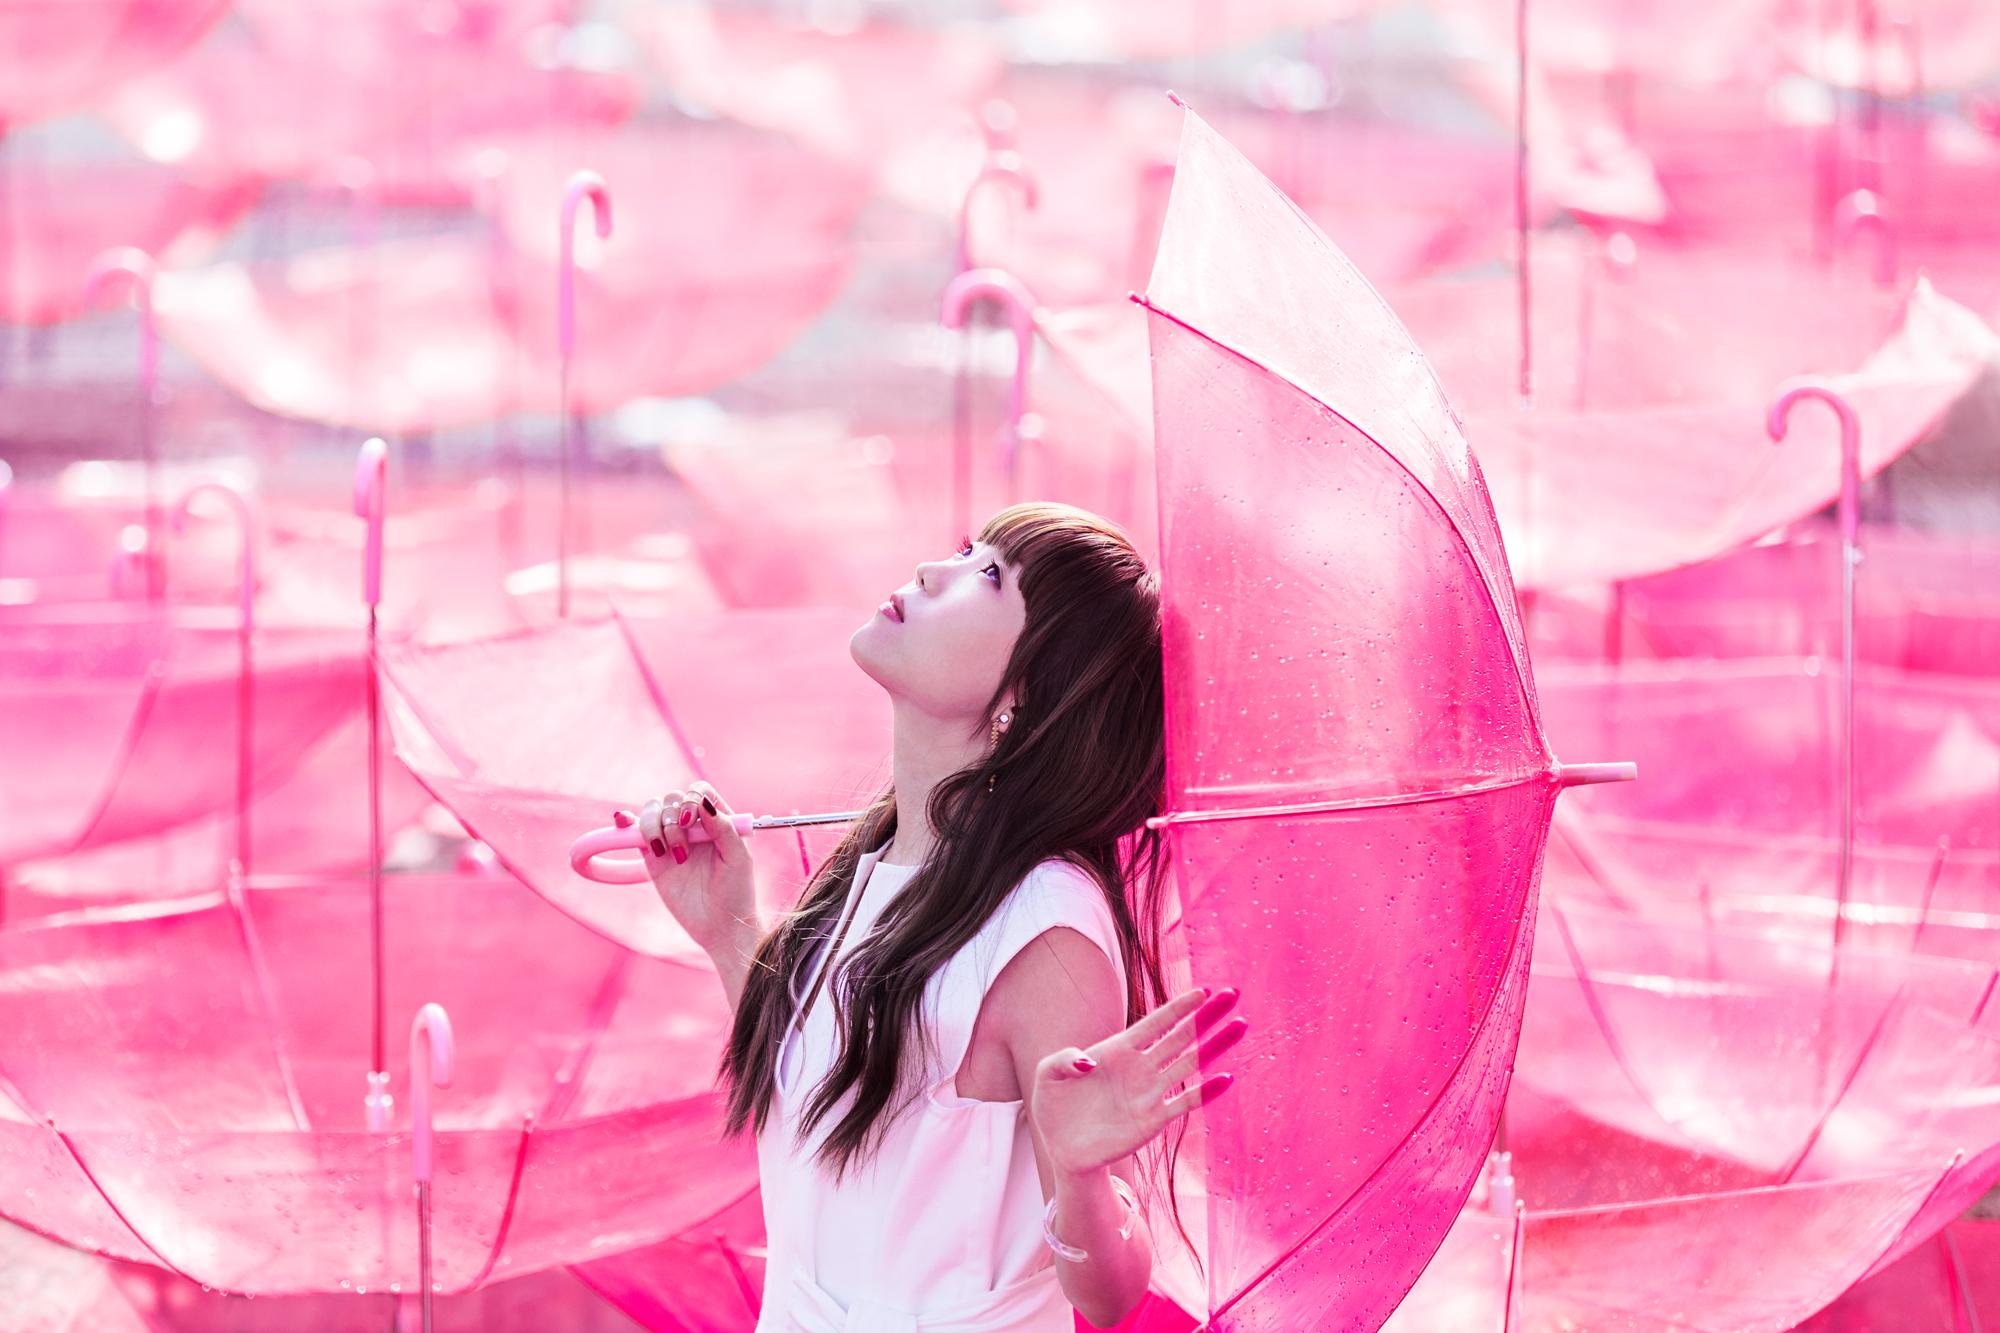 「自分の声帯で可能な限り一番いい歌を」Aimerと音楽とファンの幸福な三角関係。